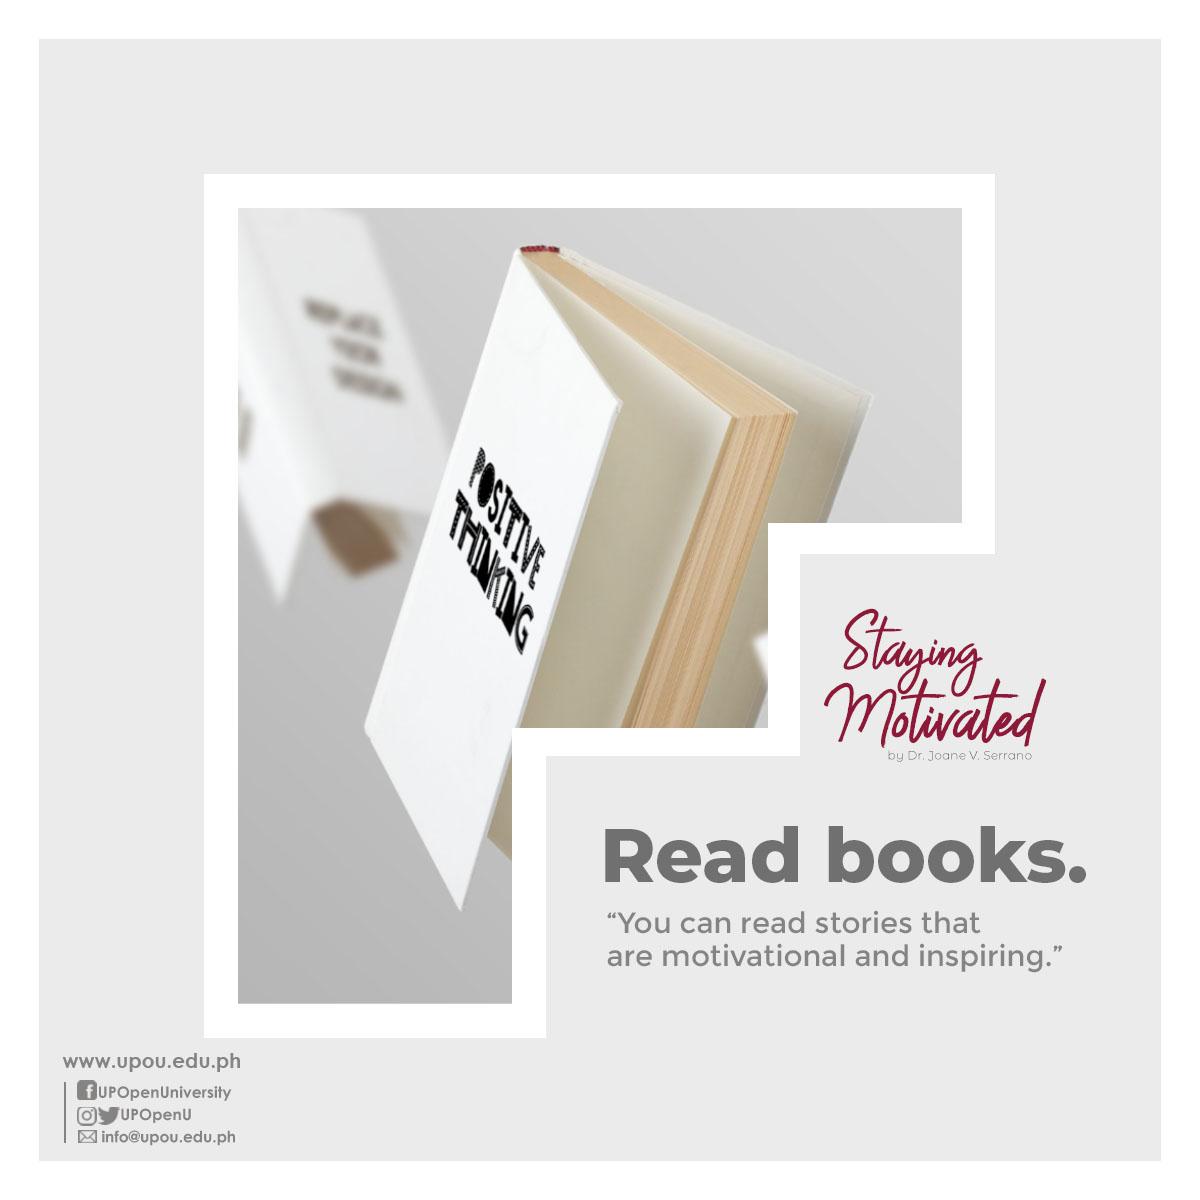 4-Read books